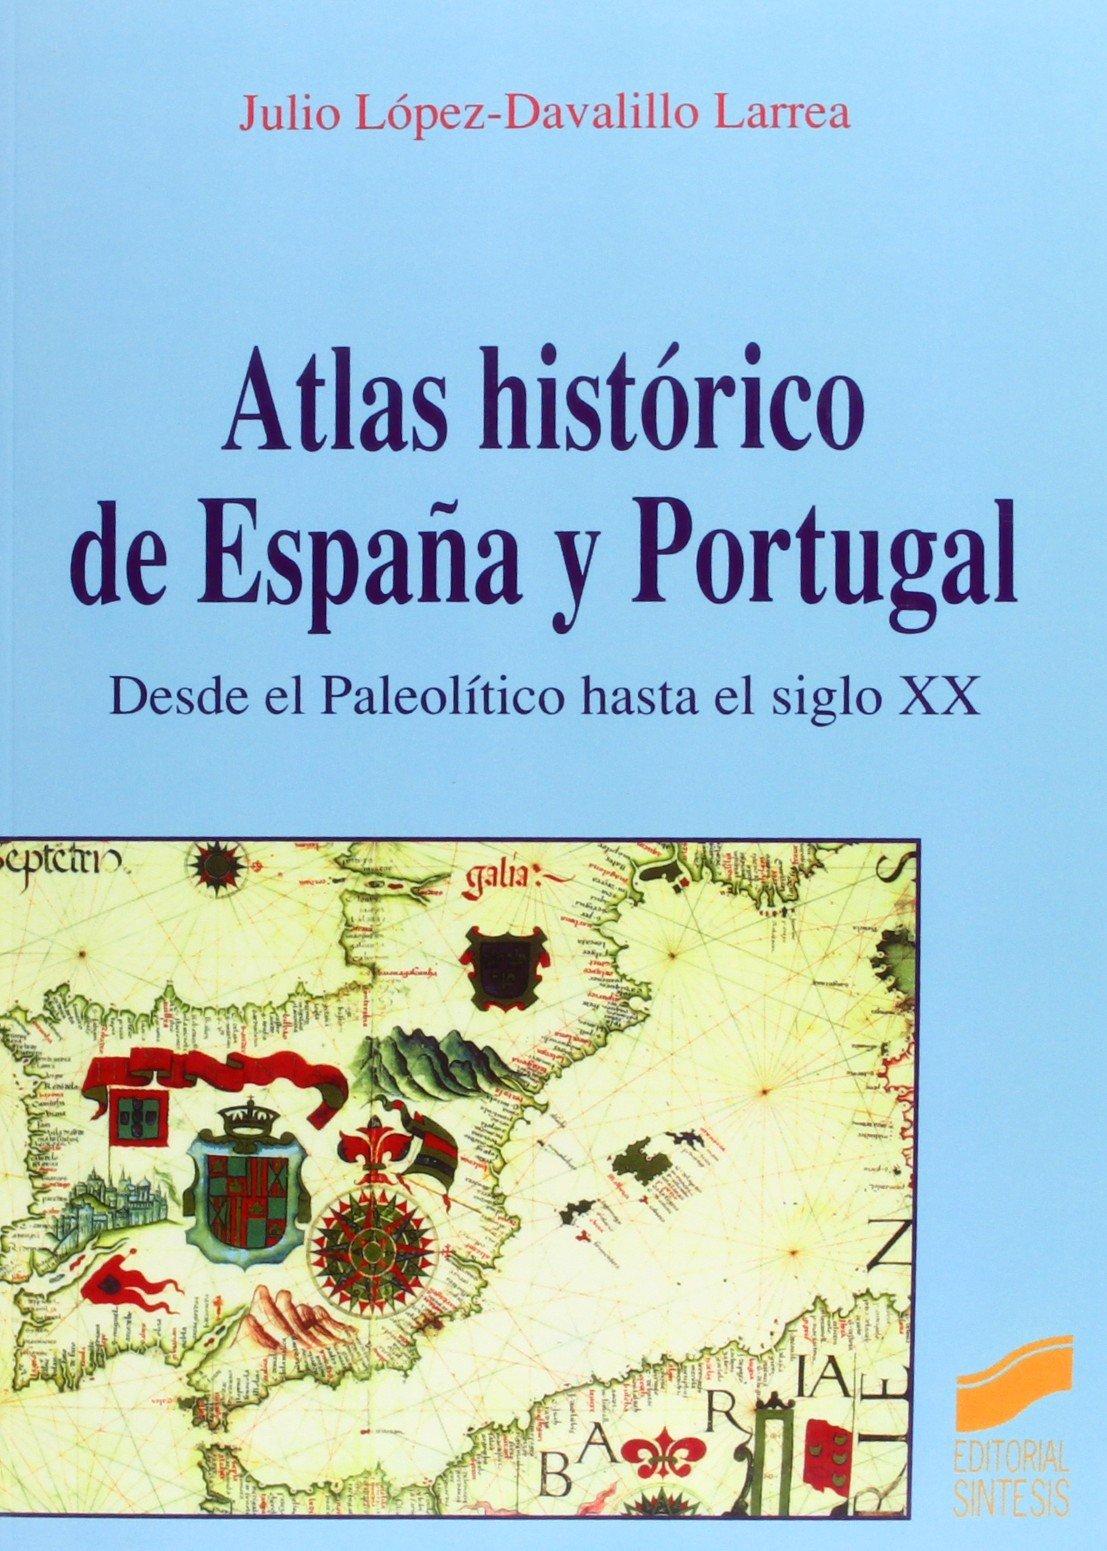 Atlas histórico de España y Portugal: Amazon.es: López-Davalillo Larrea, Julio: Libros